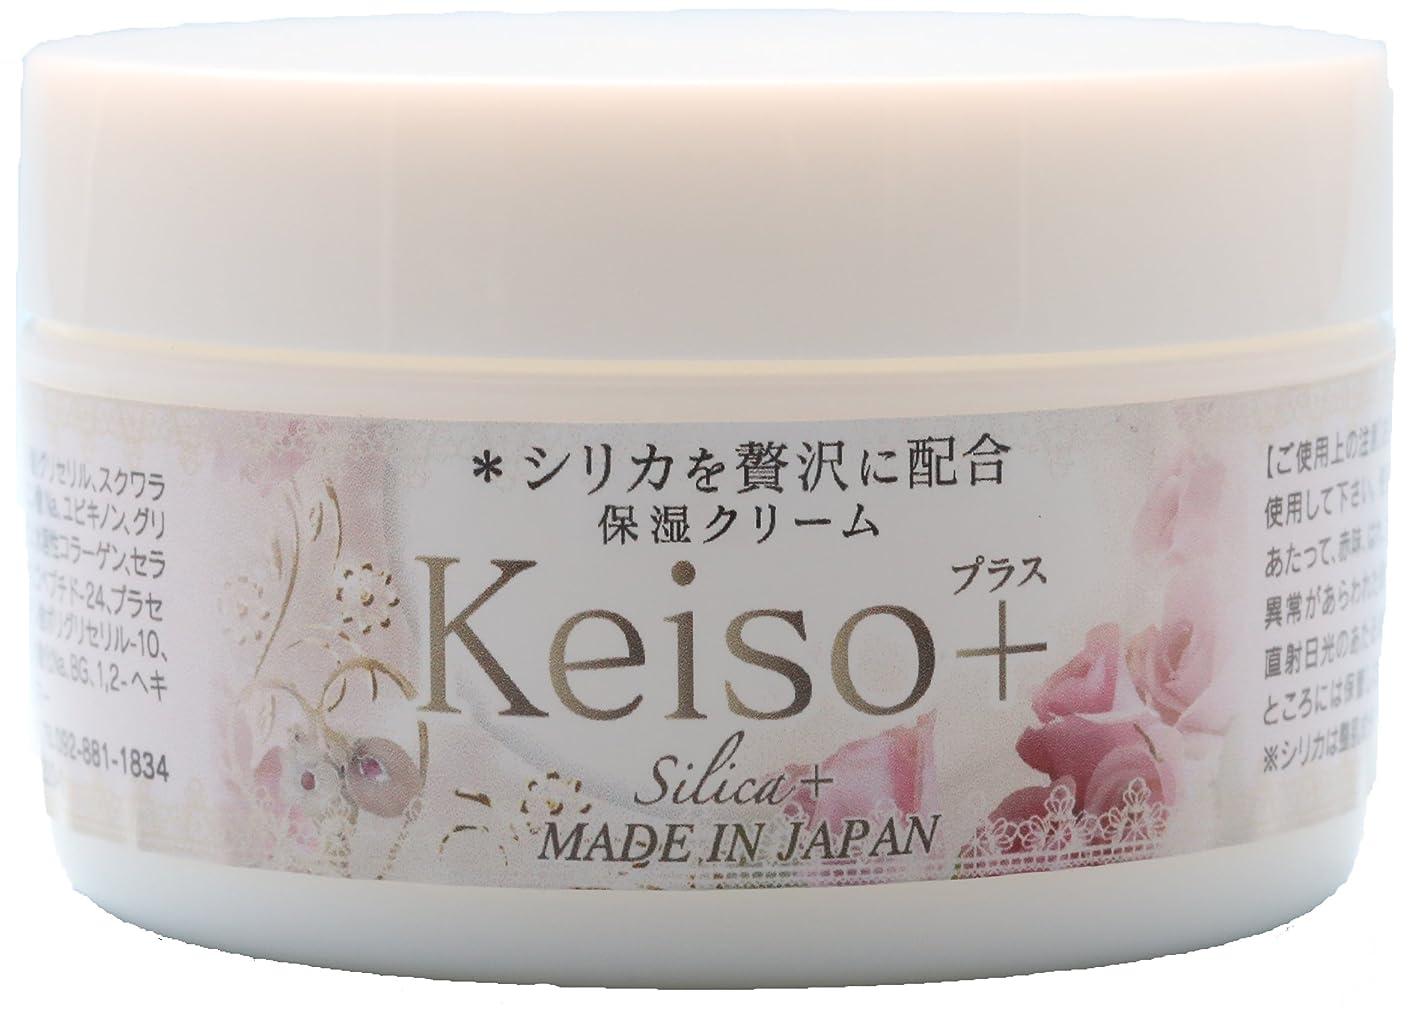 補体ストラップナチュラKeiso+ 高濃度シリカ(ケイ素) 保湿クリーム 100g Silica Cream